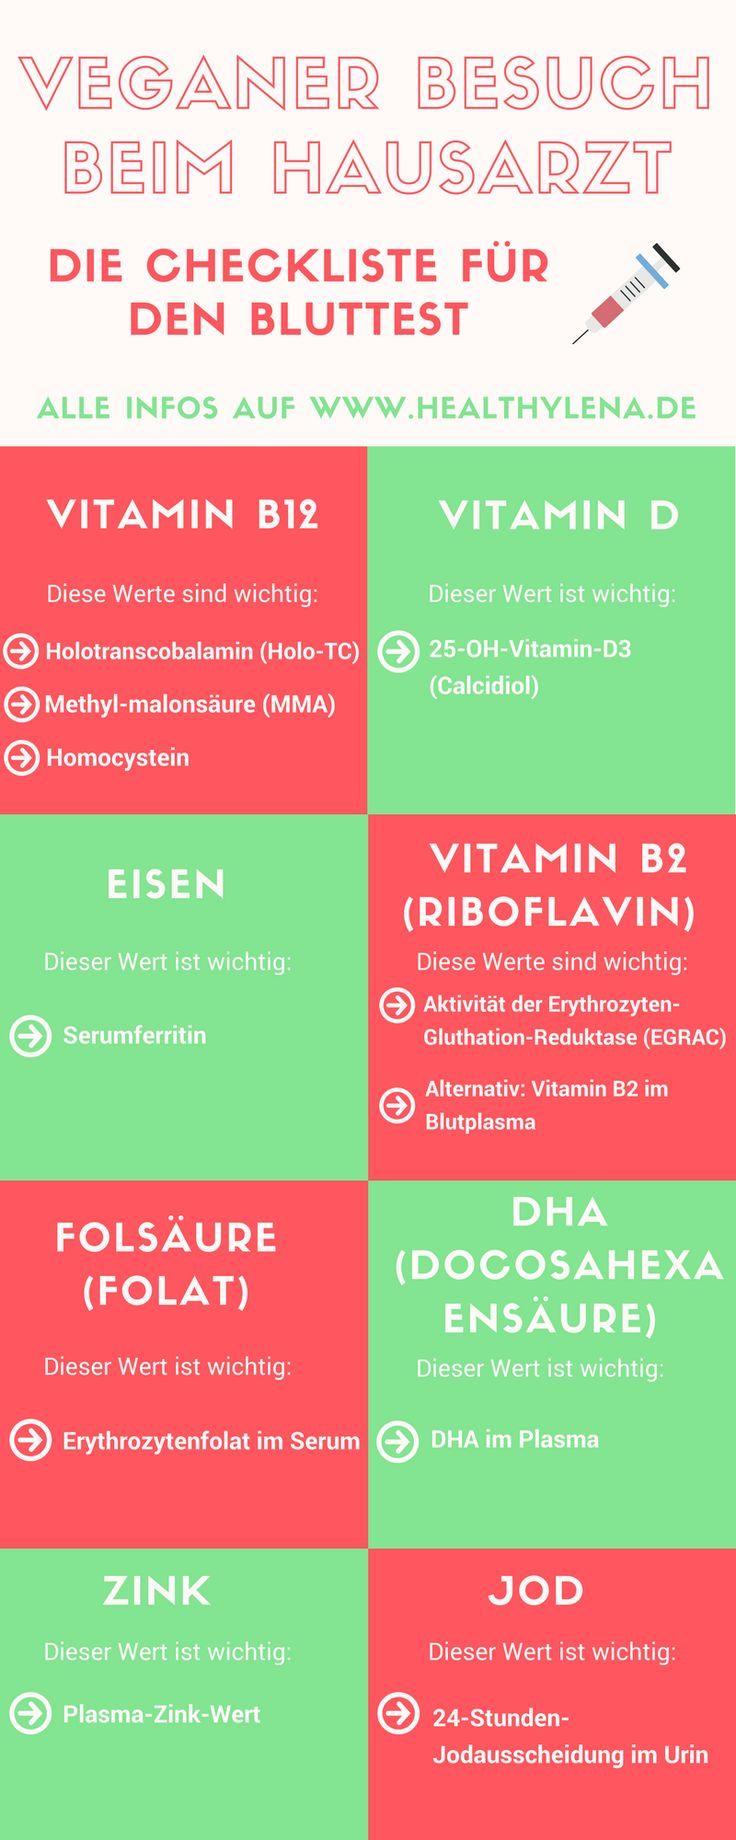 Veganer Besuch beim Hausarzt – Die Checkliste für den Bluttest